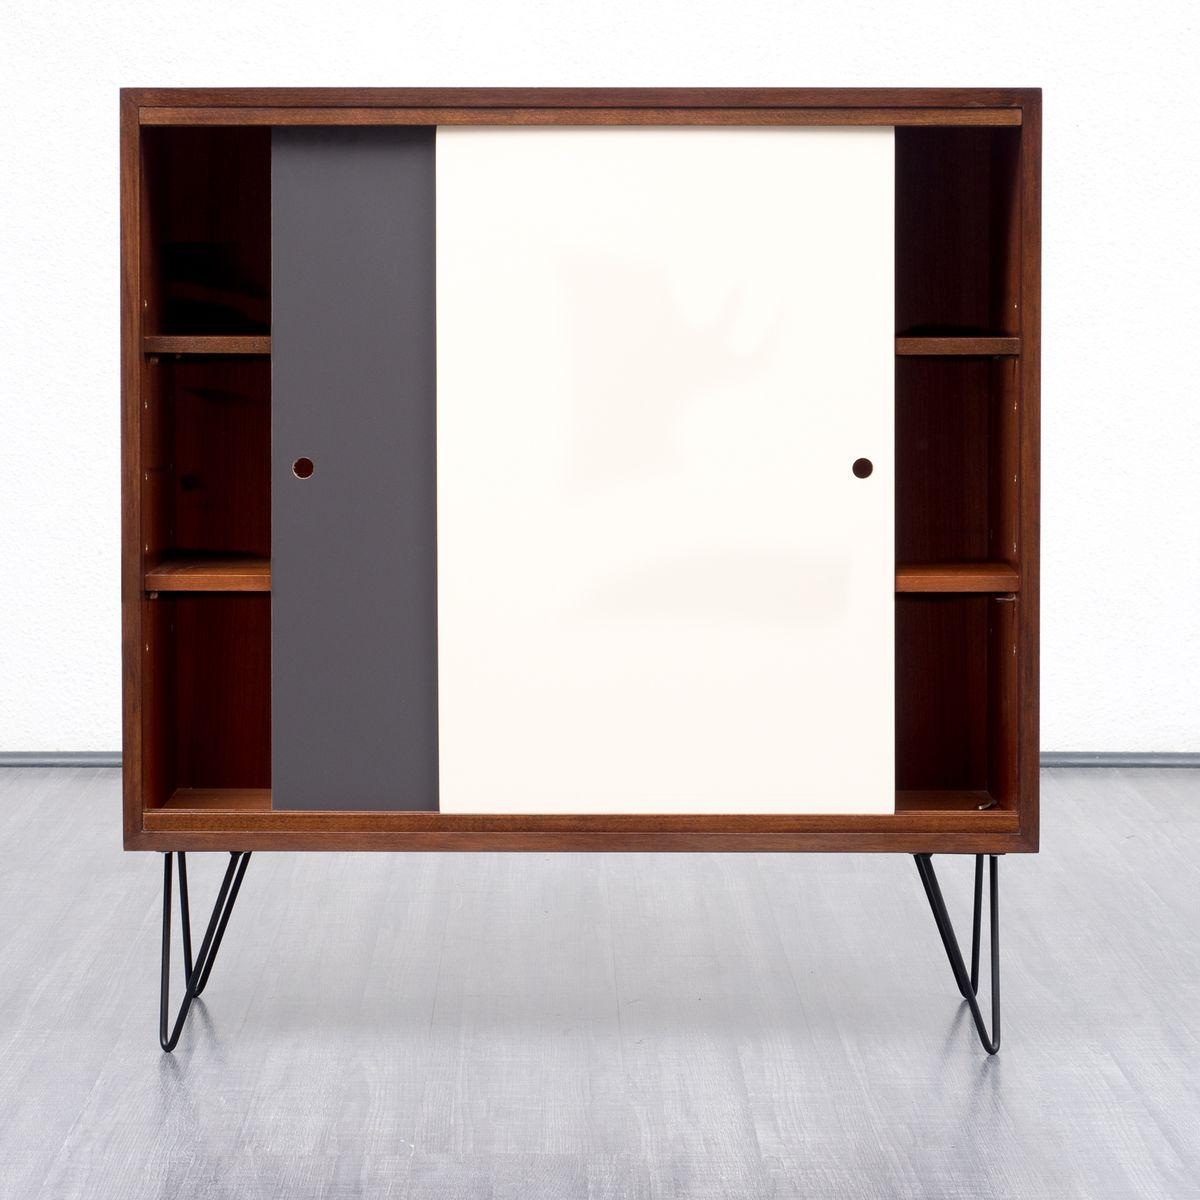 walnuss furnier highboard mit zweifarbigen t ren 1960er. Black Bedroom Furniture Sets. Home Design Ideas